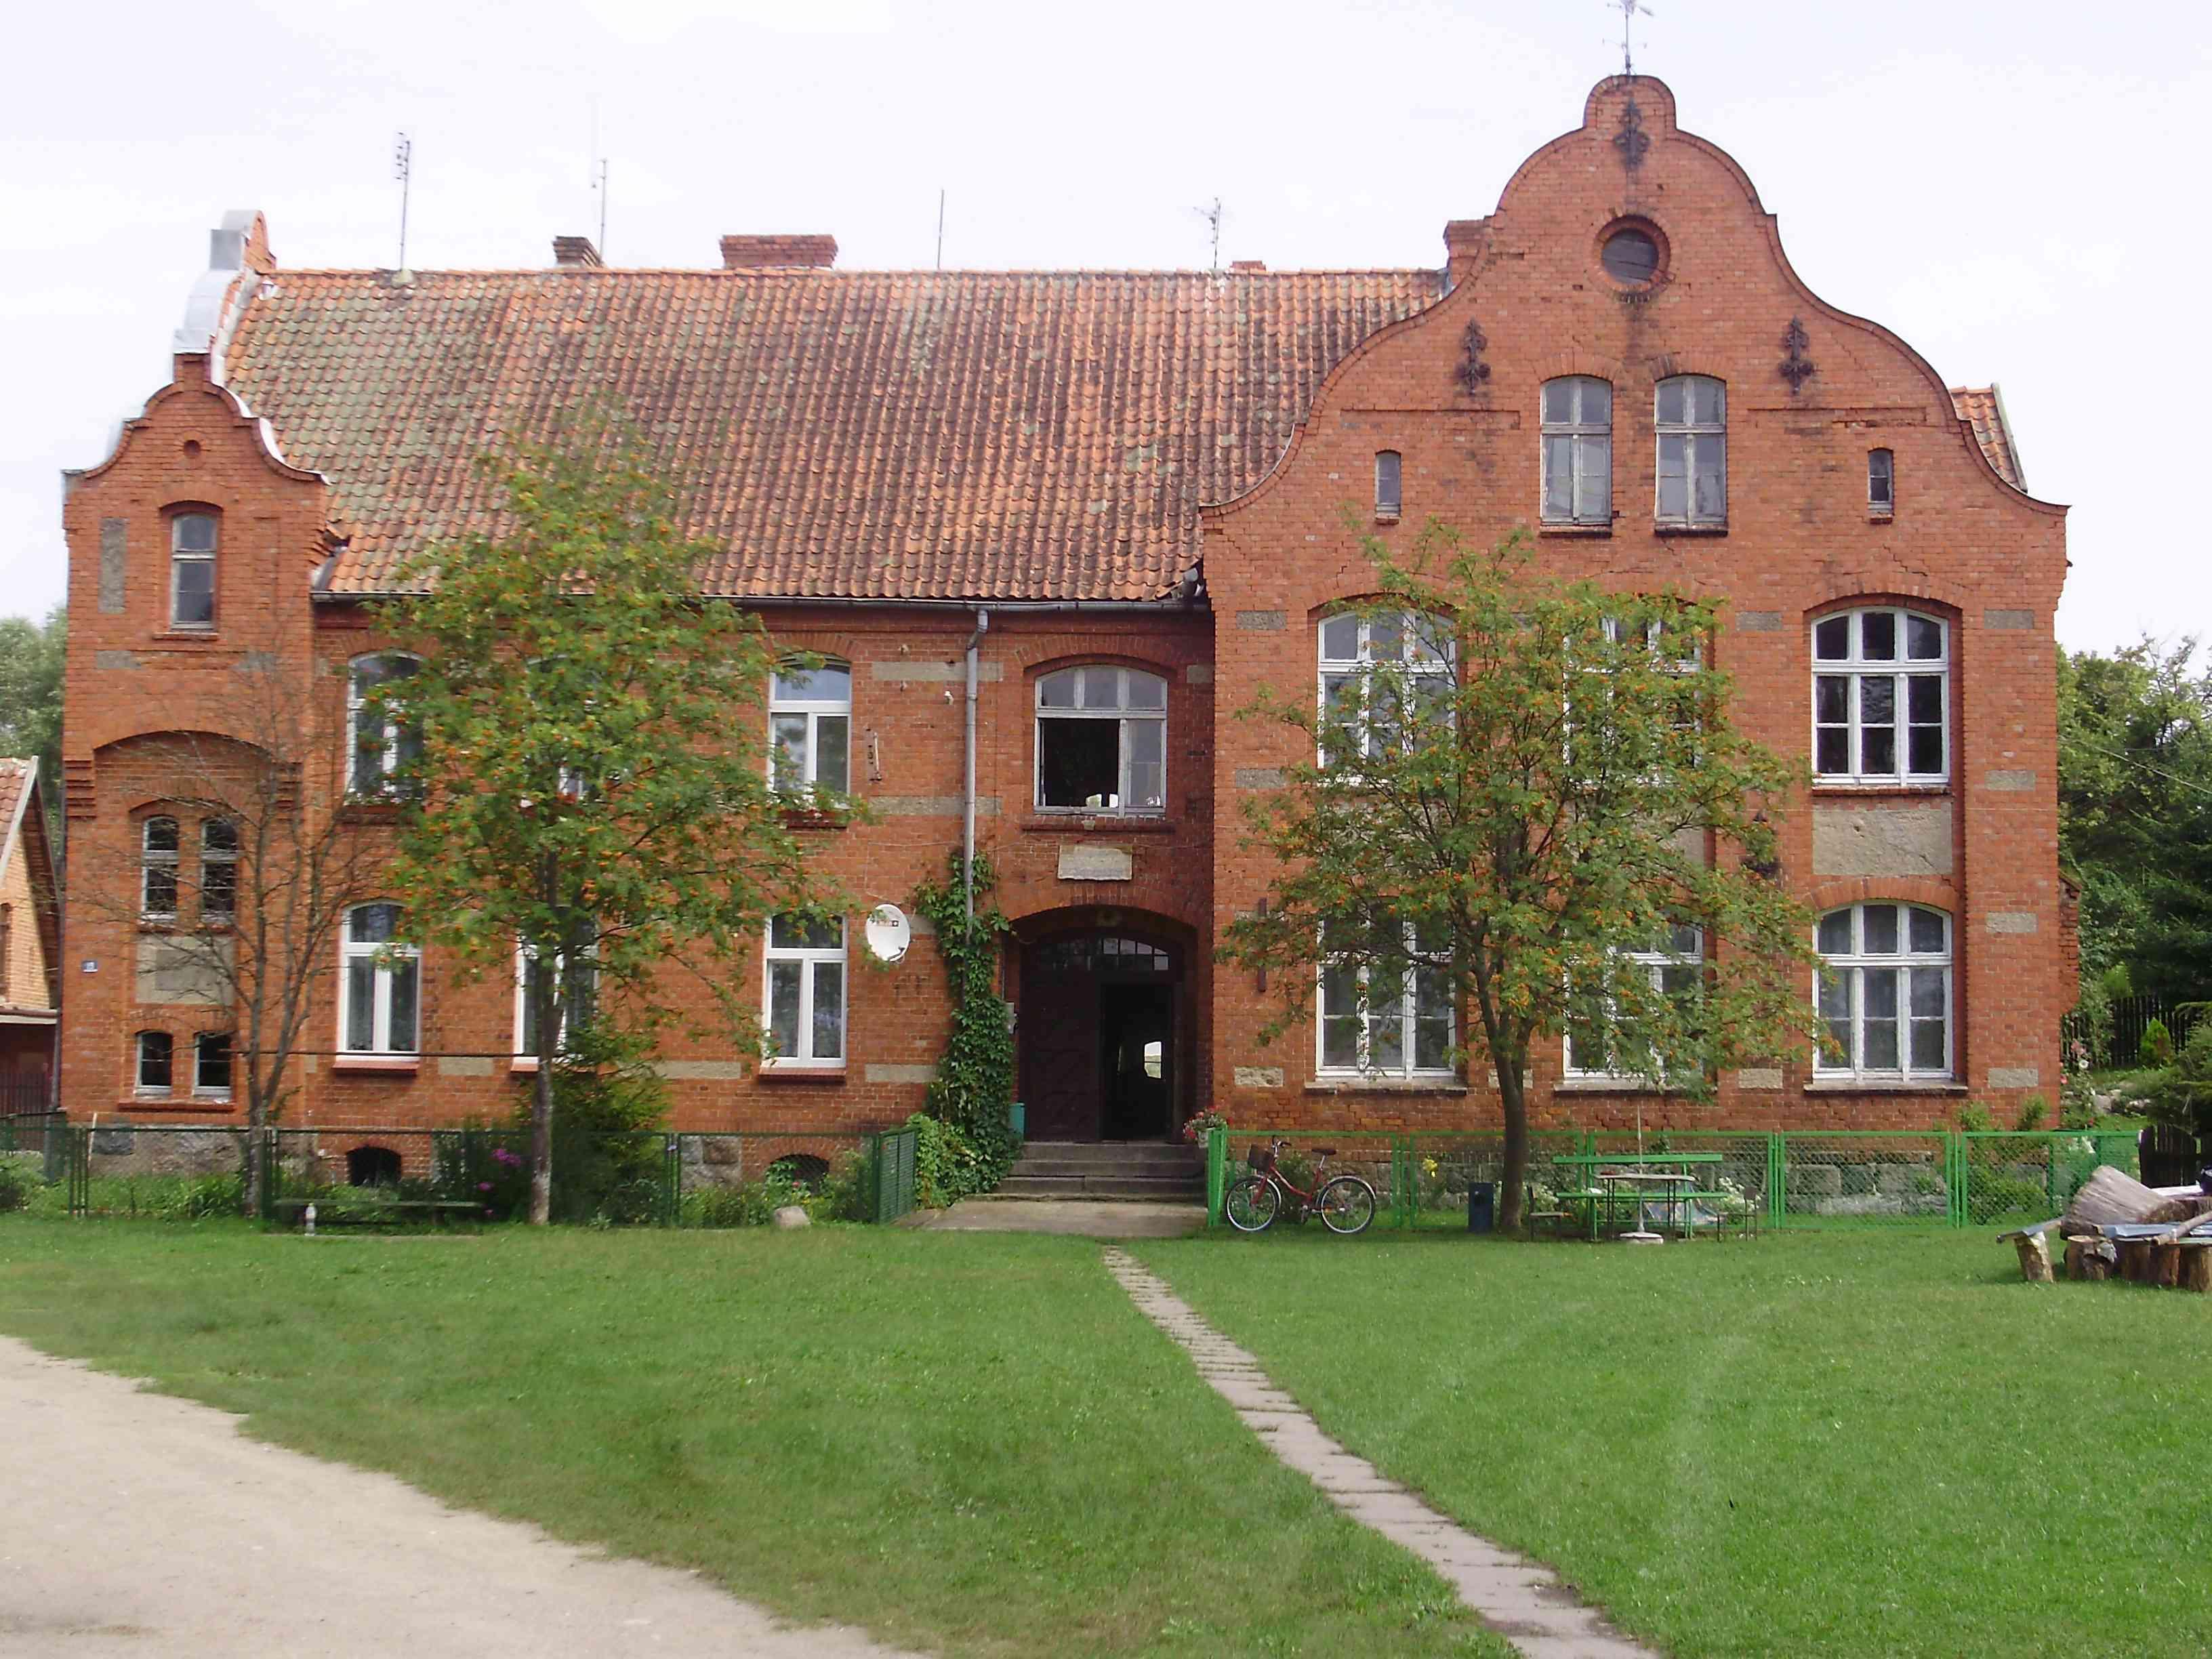 https://m.powiatszczycienski.pl/2016/08/orig/dawna-szkola-podstawowa-w-saplatach-obecnie-muzeum-regionalne-w-saplatach-6778.jpg